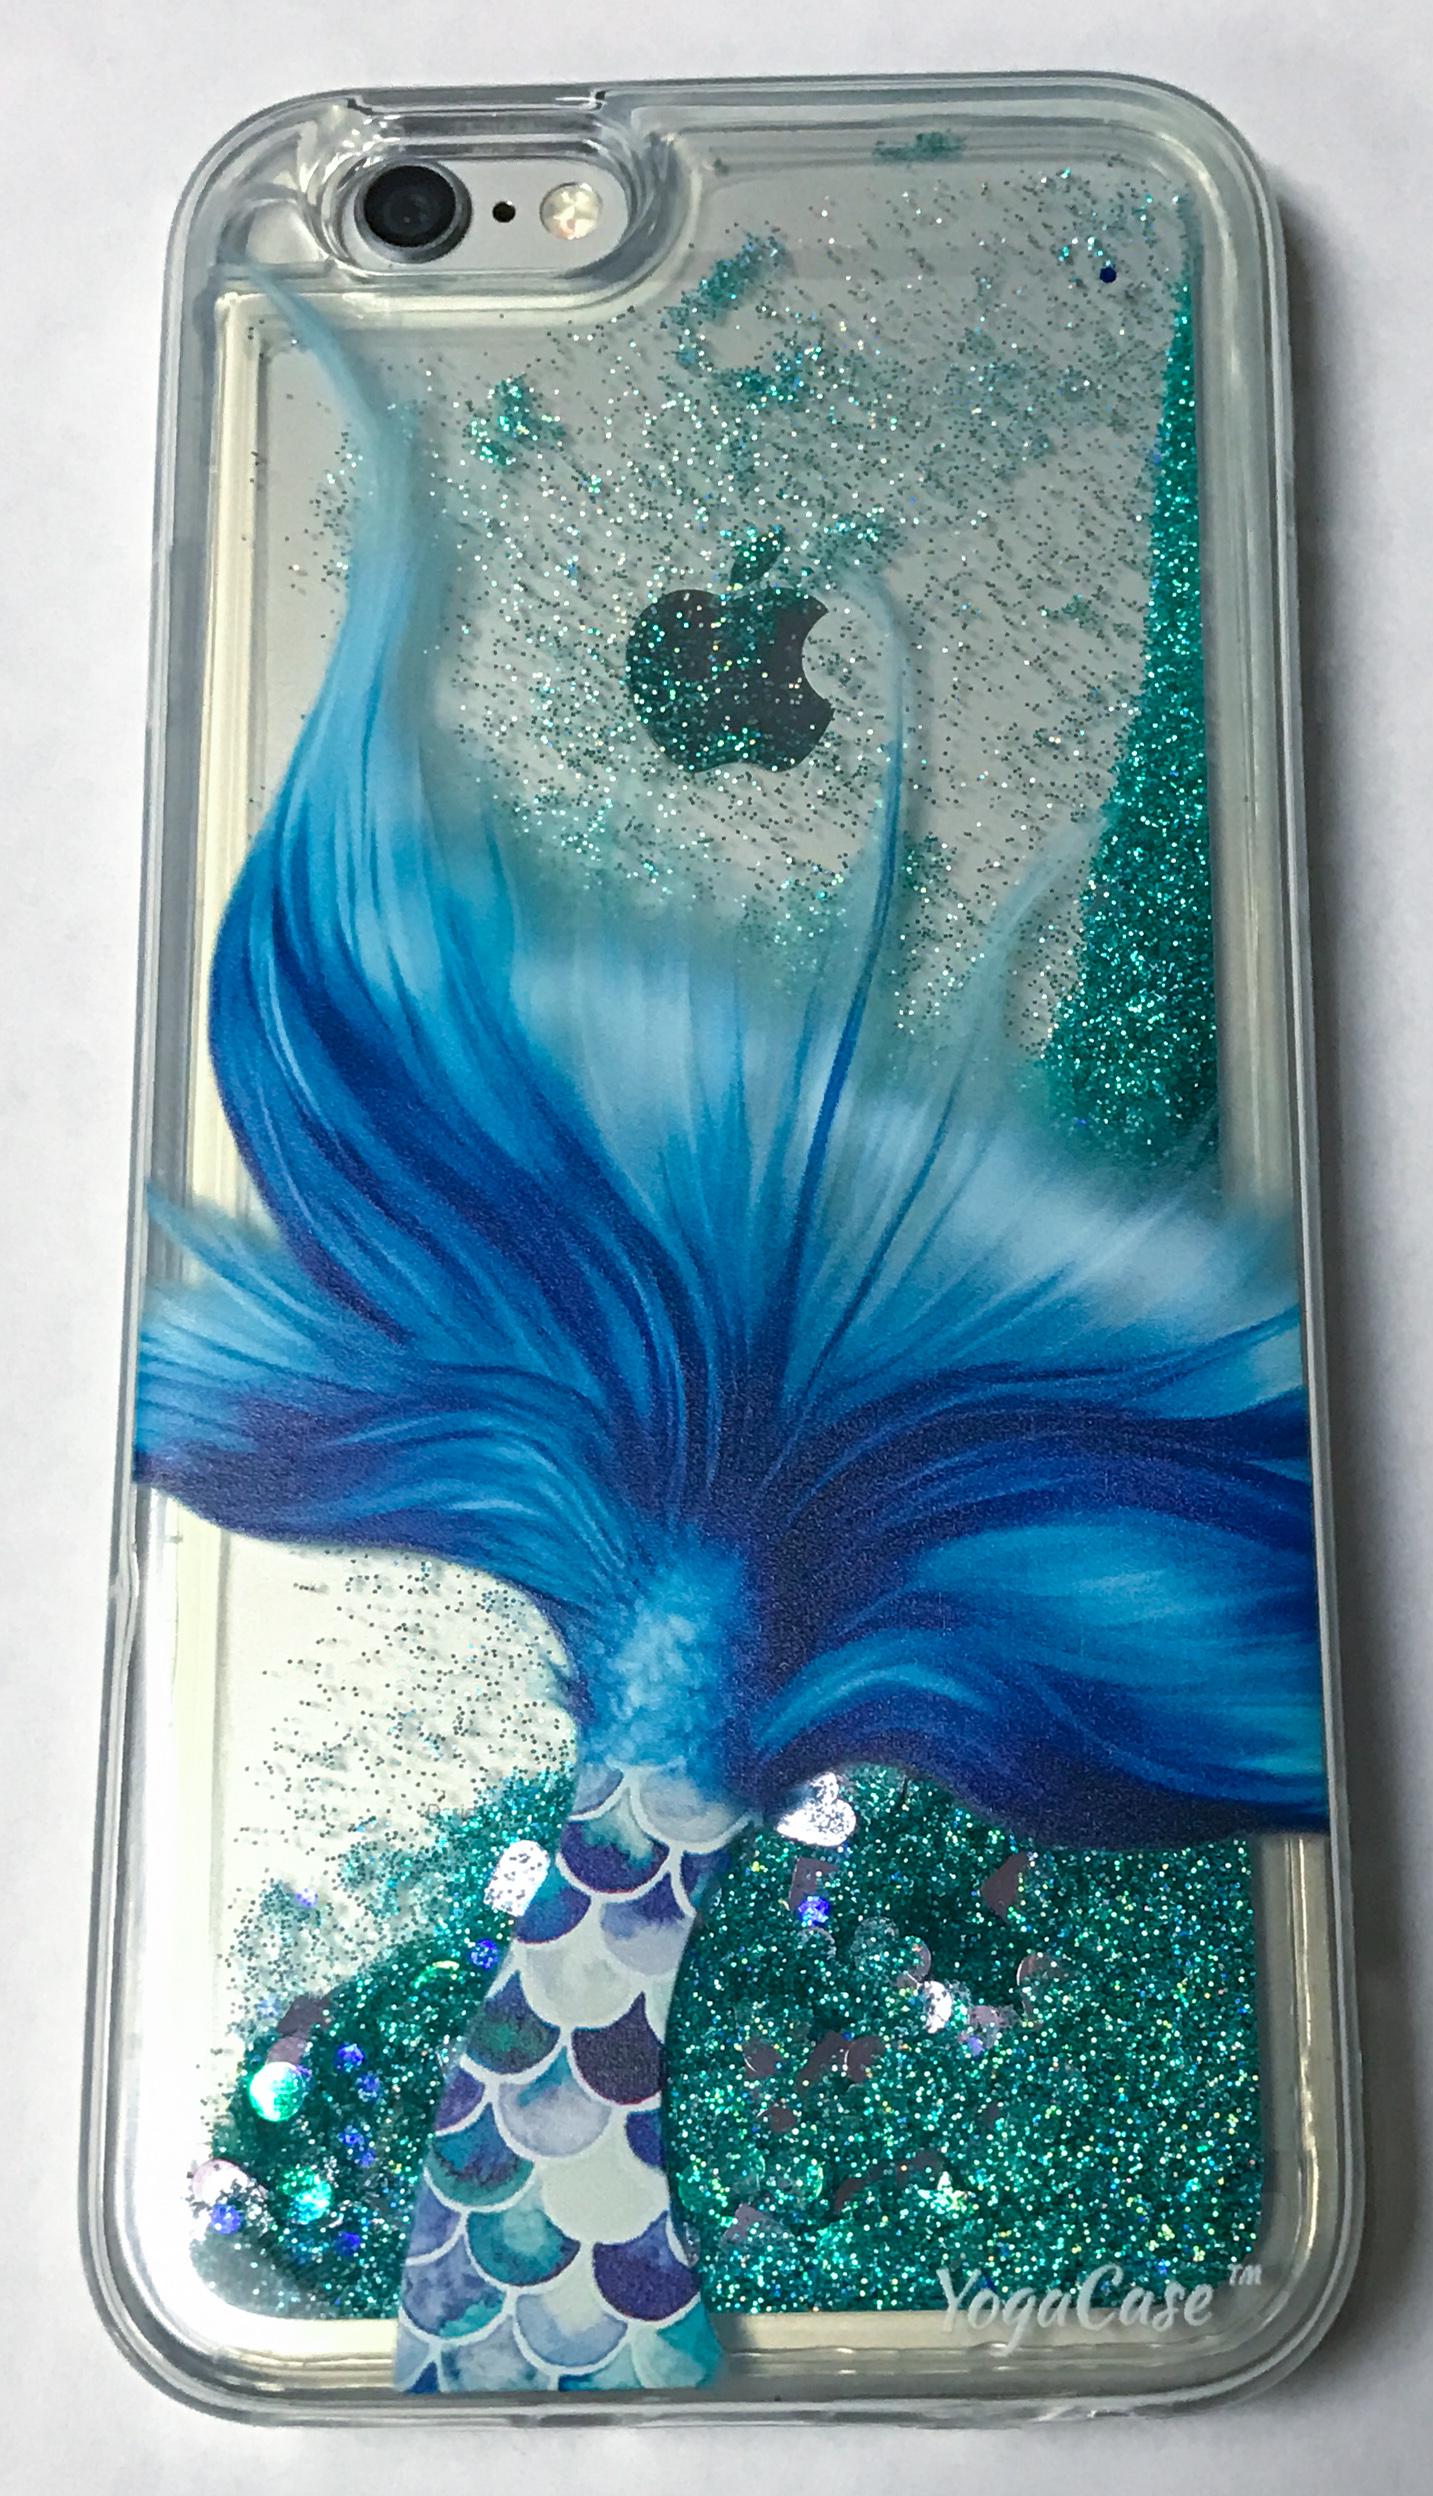 promo code 0a755 2eb4f iPhone 5c Case, YogaCase Liquid Glitter Back Protective Cover (Mermaid  Tale) - YogaCase